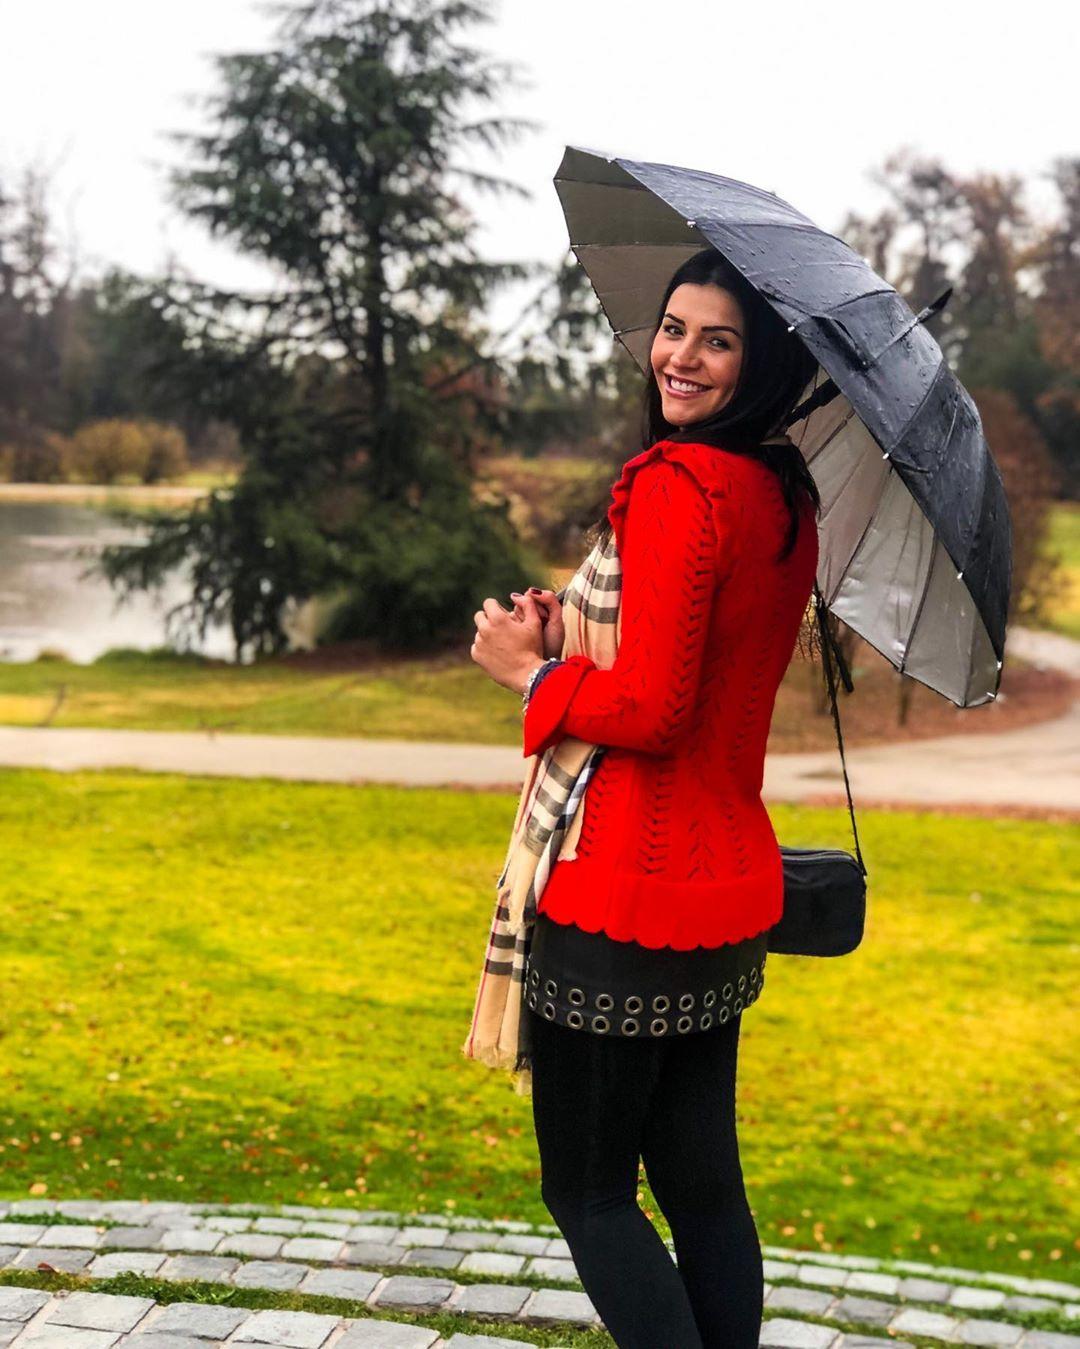 thylara brenner, miss brasil continentes unidos 2019. - Página 6 62747710